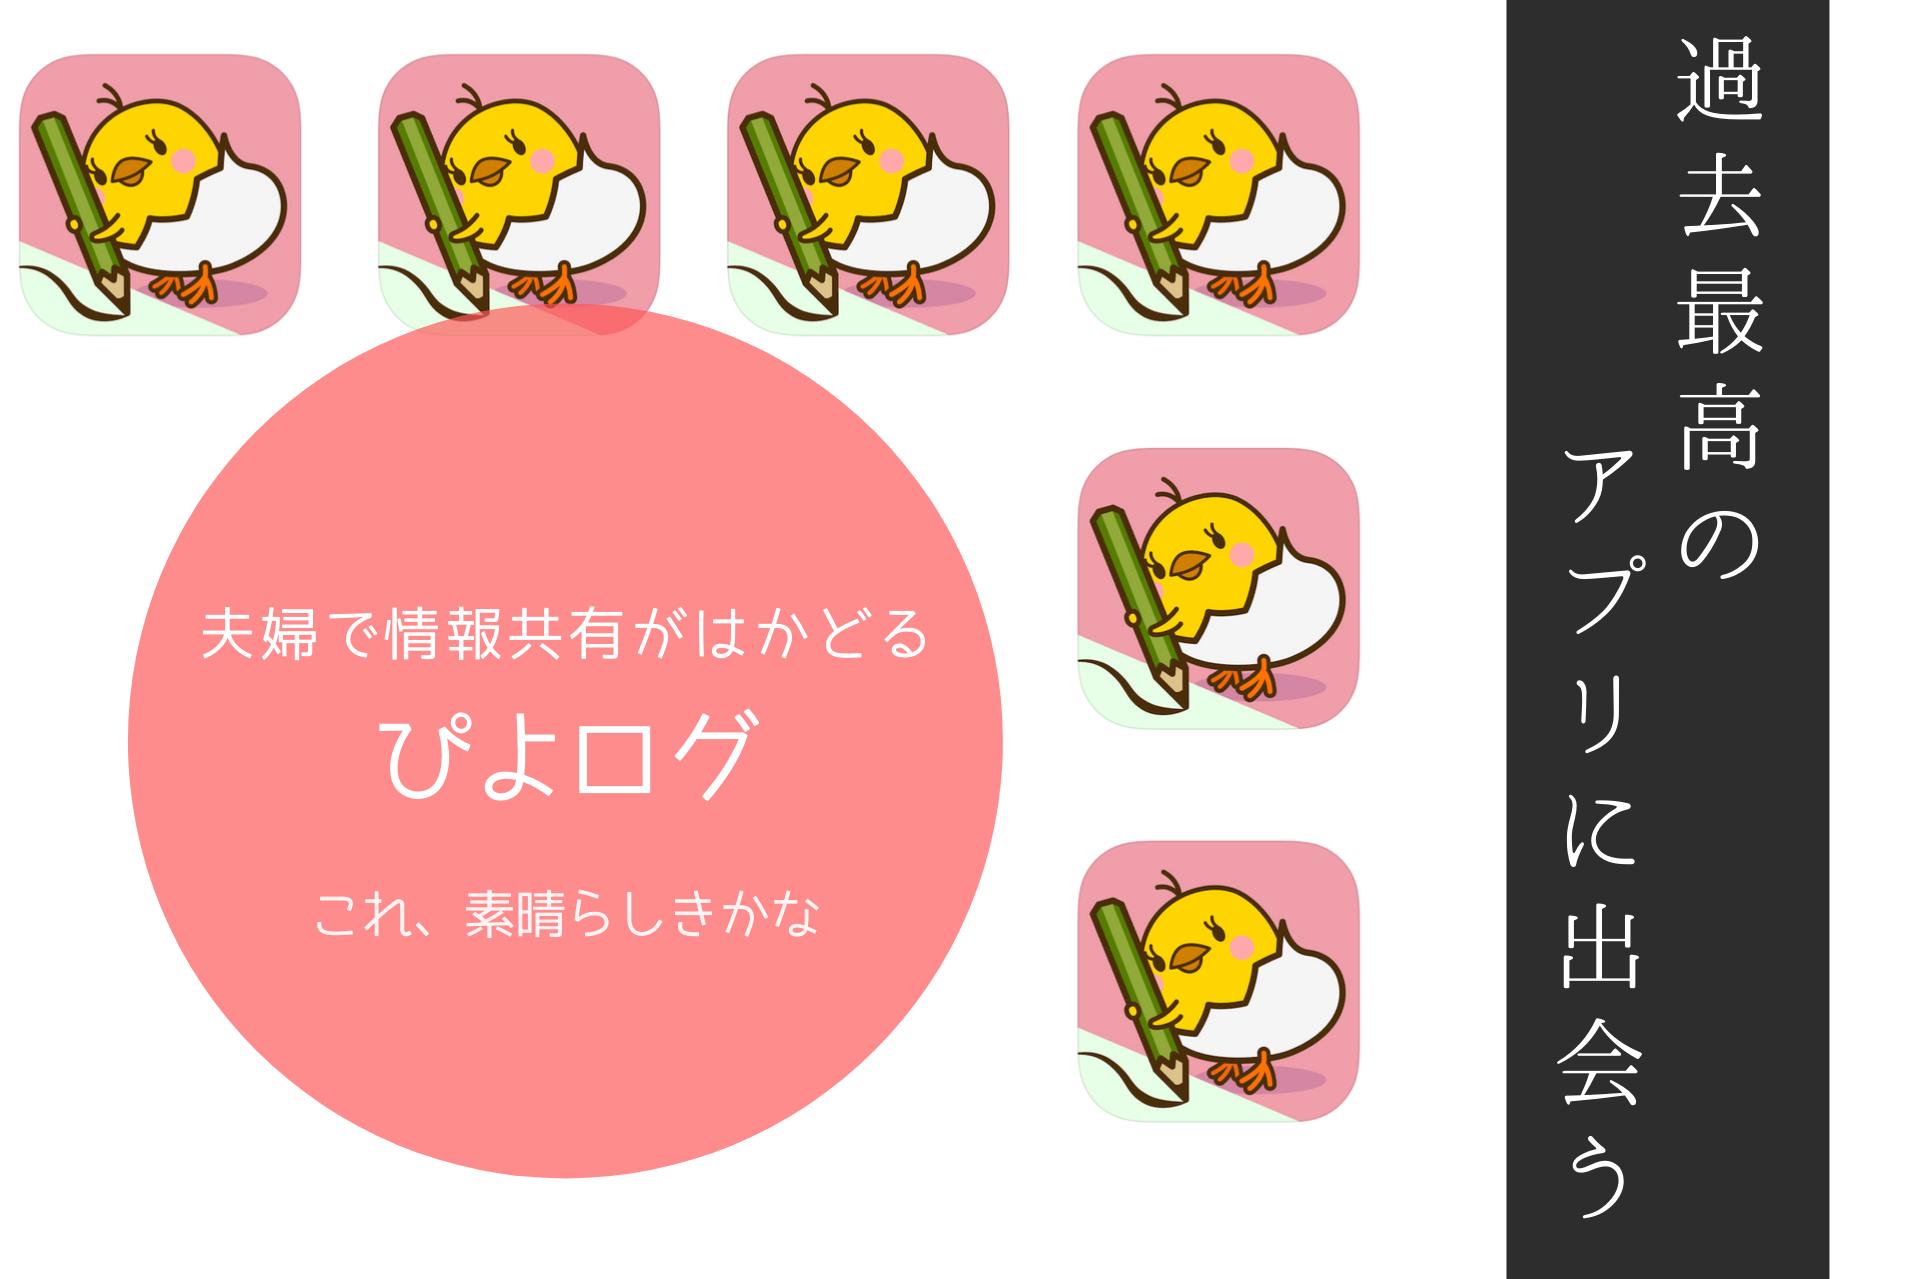 ぴよログ 神アプリ